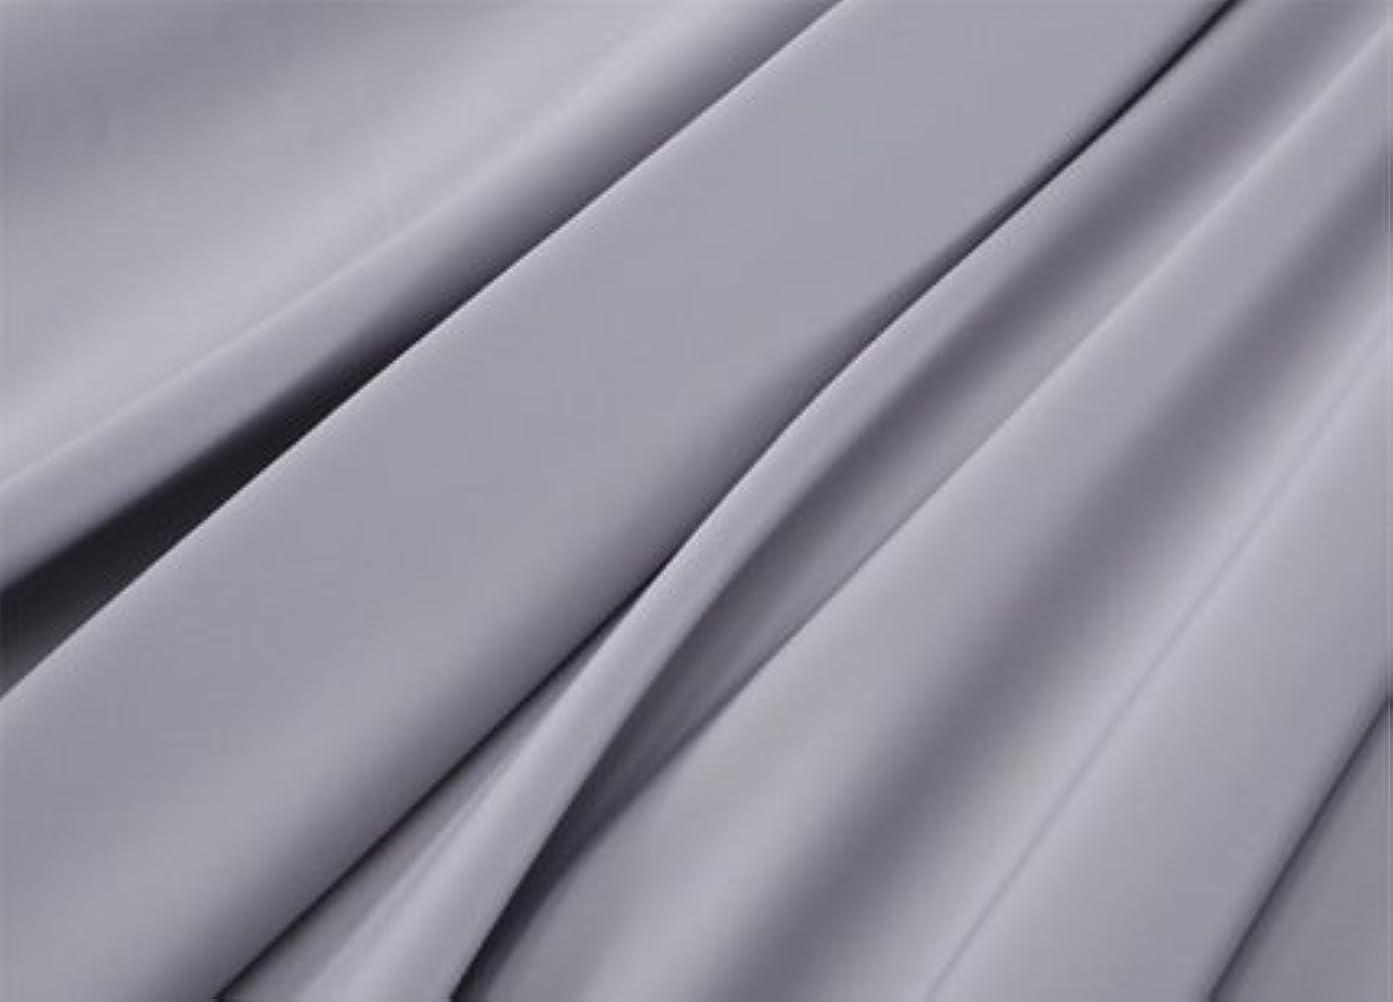 スカート実施する監督するR.T. Home - エジプト高級超長綿ホテル品質 ボックスシーツ シングル サイズ(シングル ボックスシーツ) 500スレッドカウント サテン織り シルバー グレー(ボックス シーツ シングル 100*200*45CM)